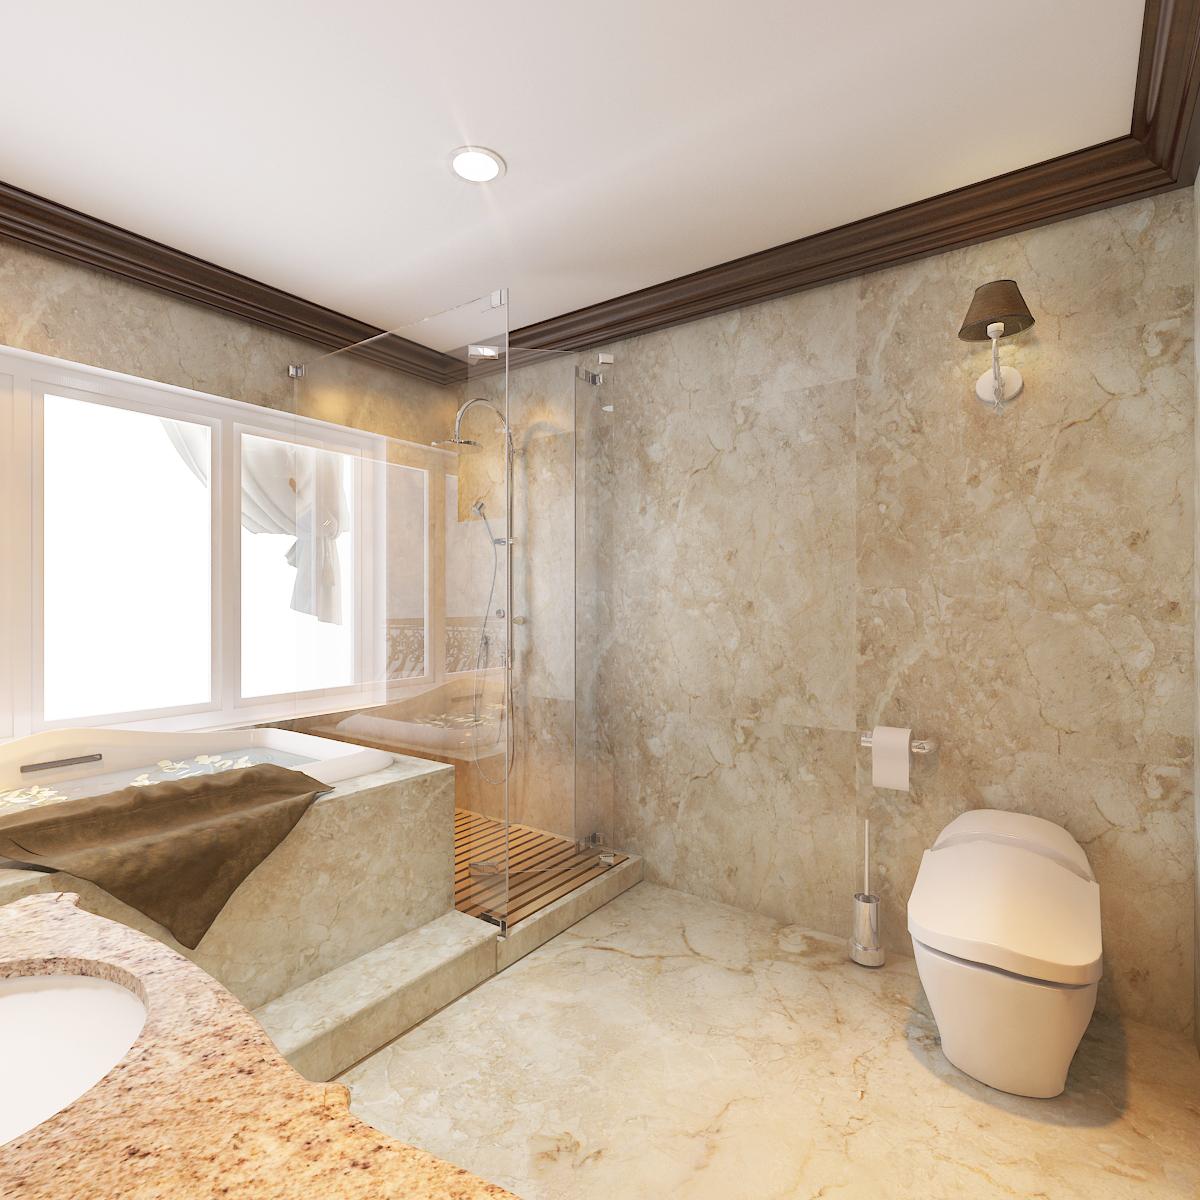 thiết kế nội thất Biệt Thự tại Hà Nội bt Vinhomes - riverside 51 1568276283